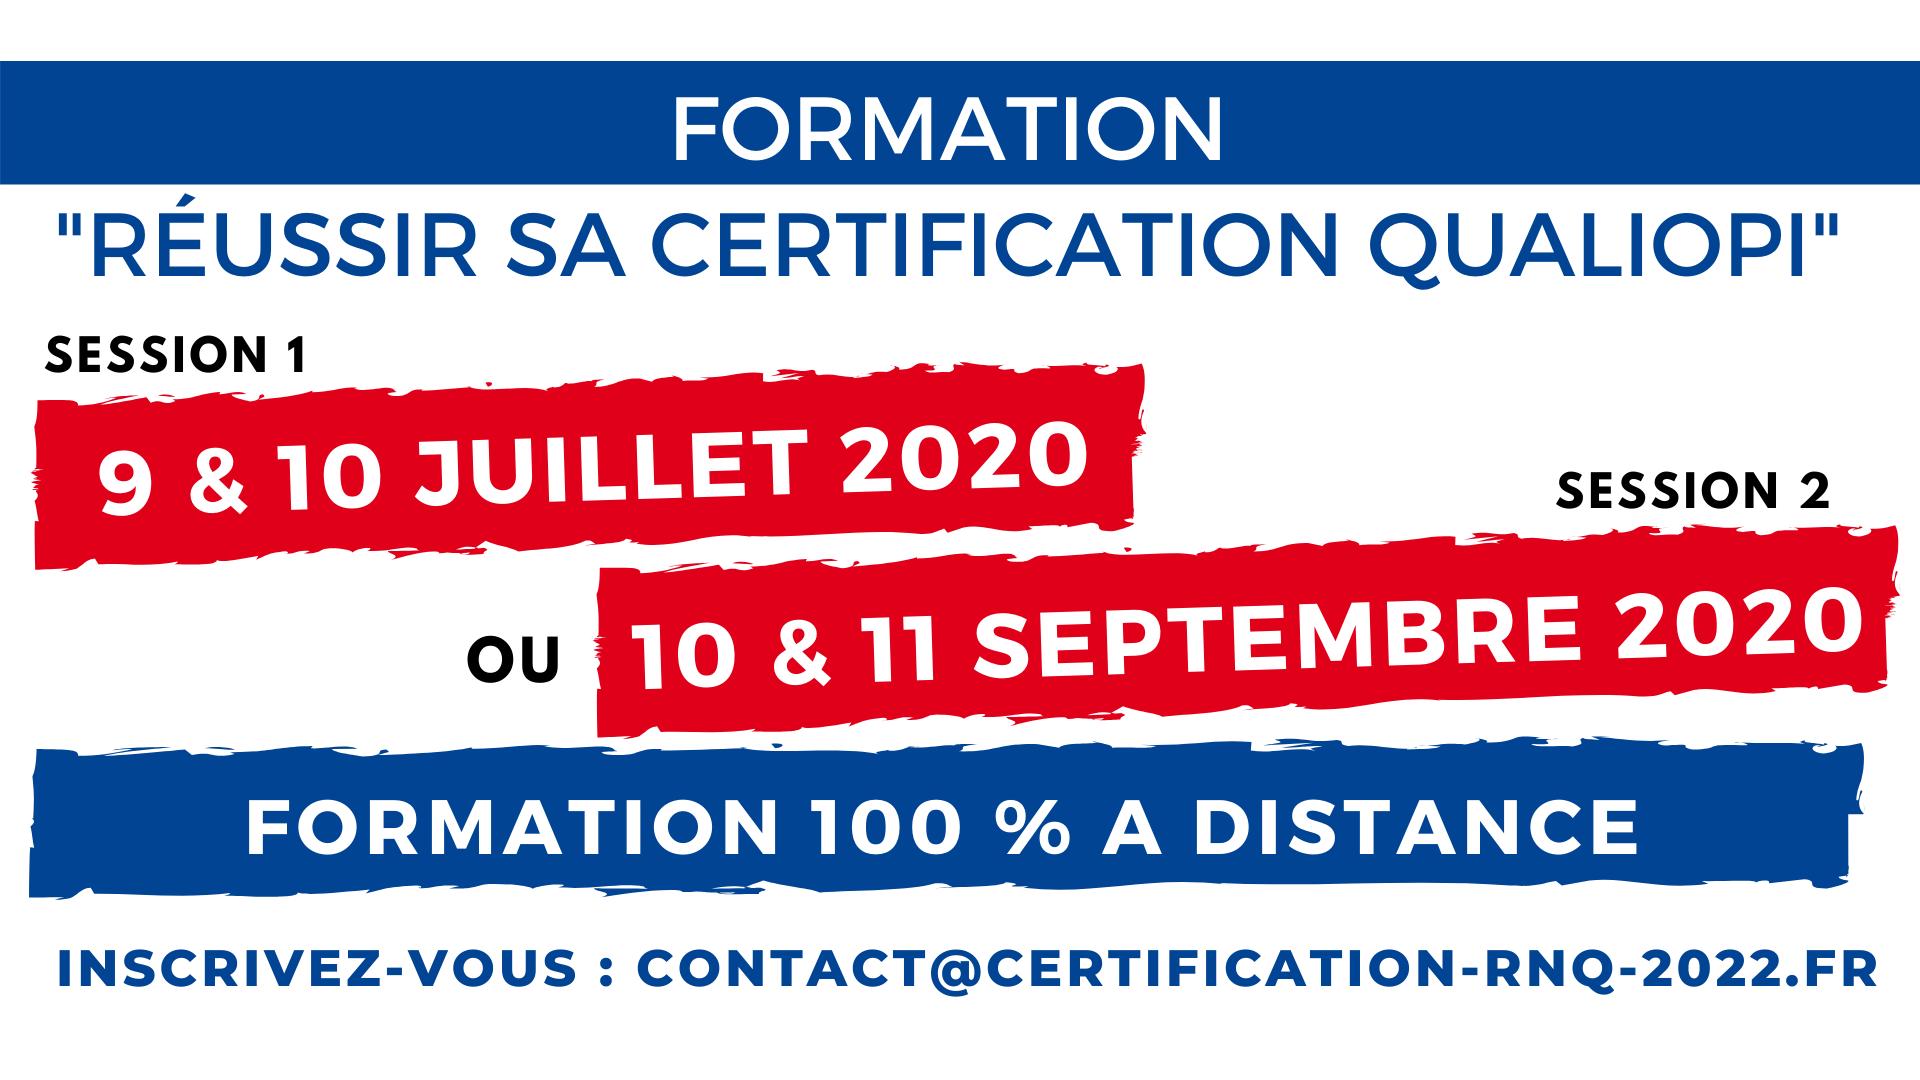 Formation Réussir QUALIOPI Juillet 2020 (2)